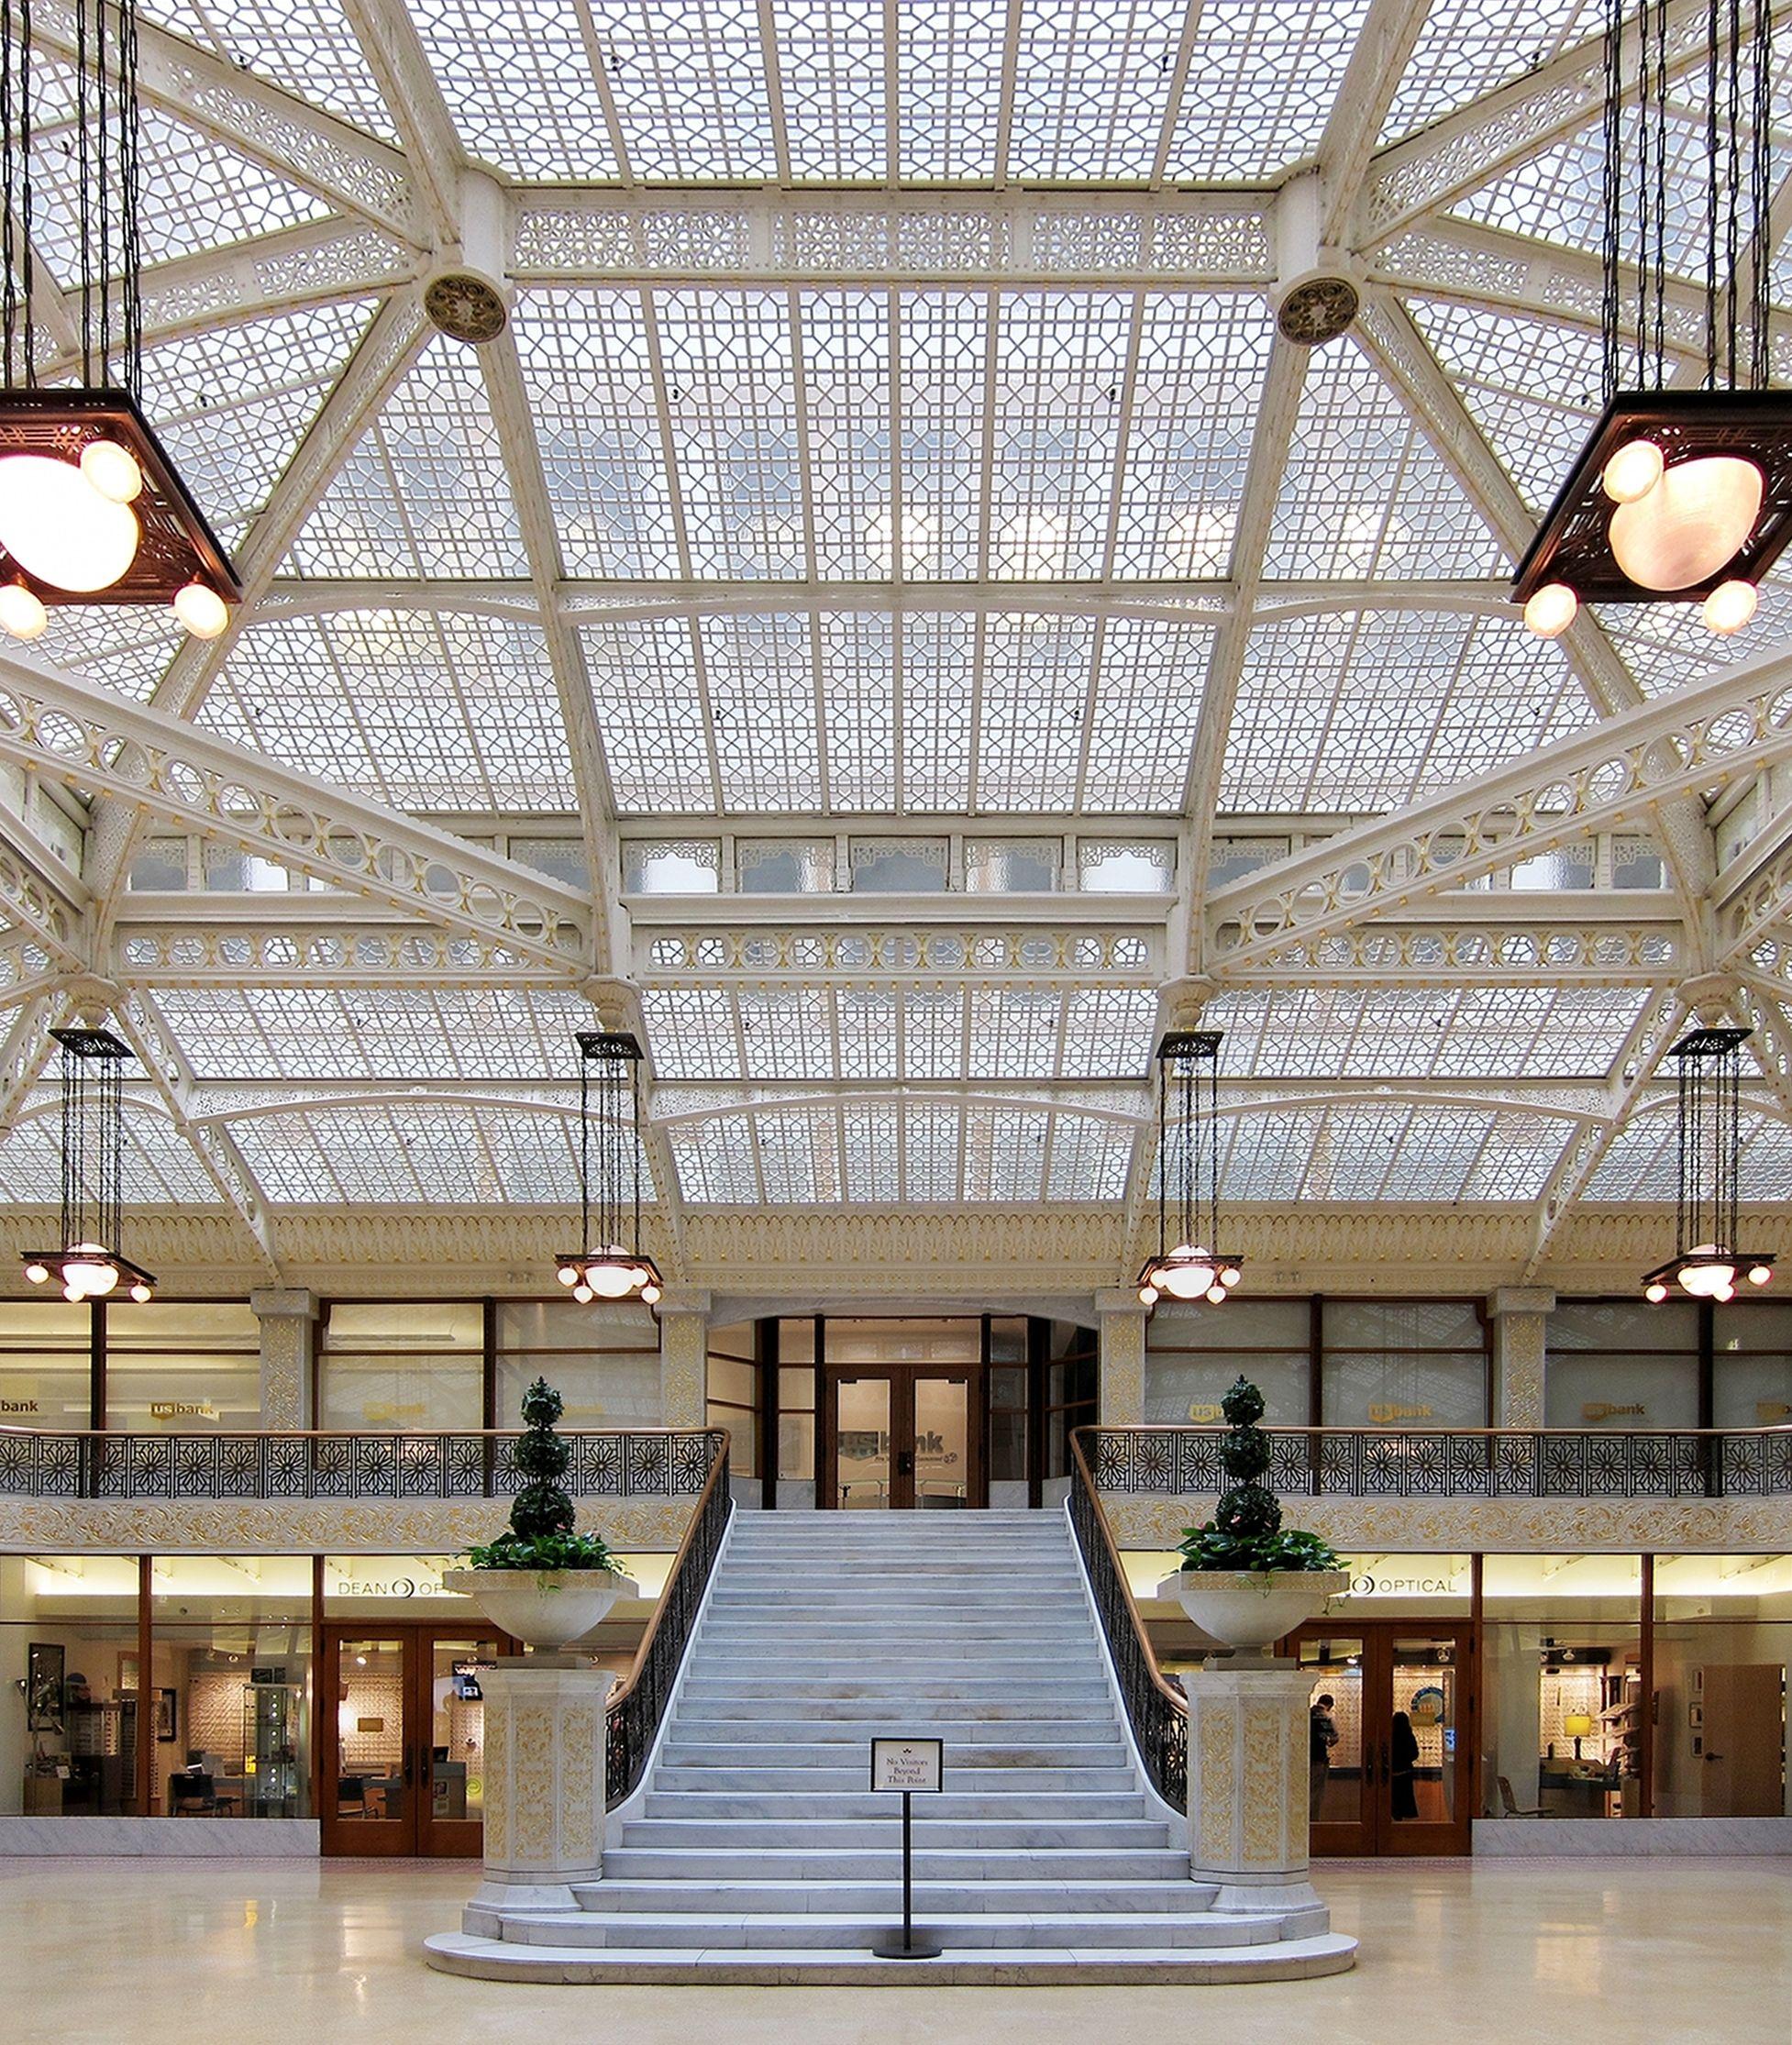 45 b. Hall of Rookery Building (1885-1888) - Burnham & Root. Influencia de los modelos franceses de Au bon Marché o Printemps de París, con pasarelas y escaleras metálicas como las empleadas en los almacenes parisinos. Hay algunos guiños a los modelos de Violett-le-Duc como el modelo de cubierta poliédrica que ofrecía el segundo volumen de los Entretiens.